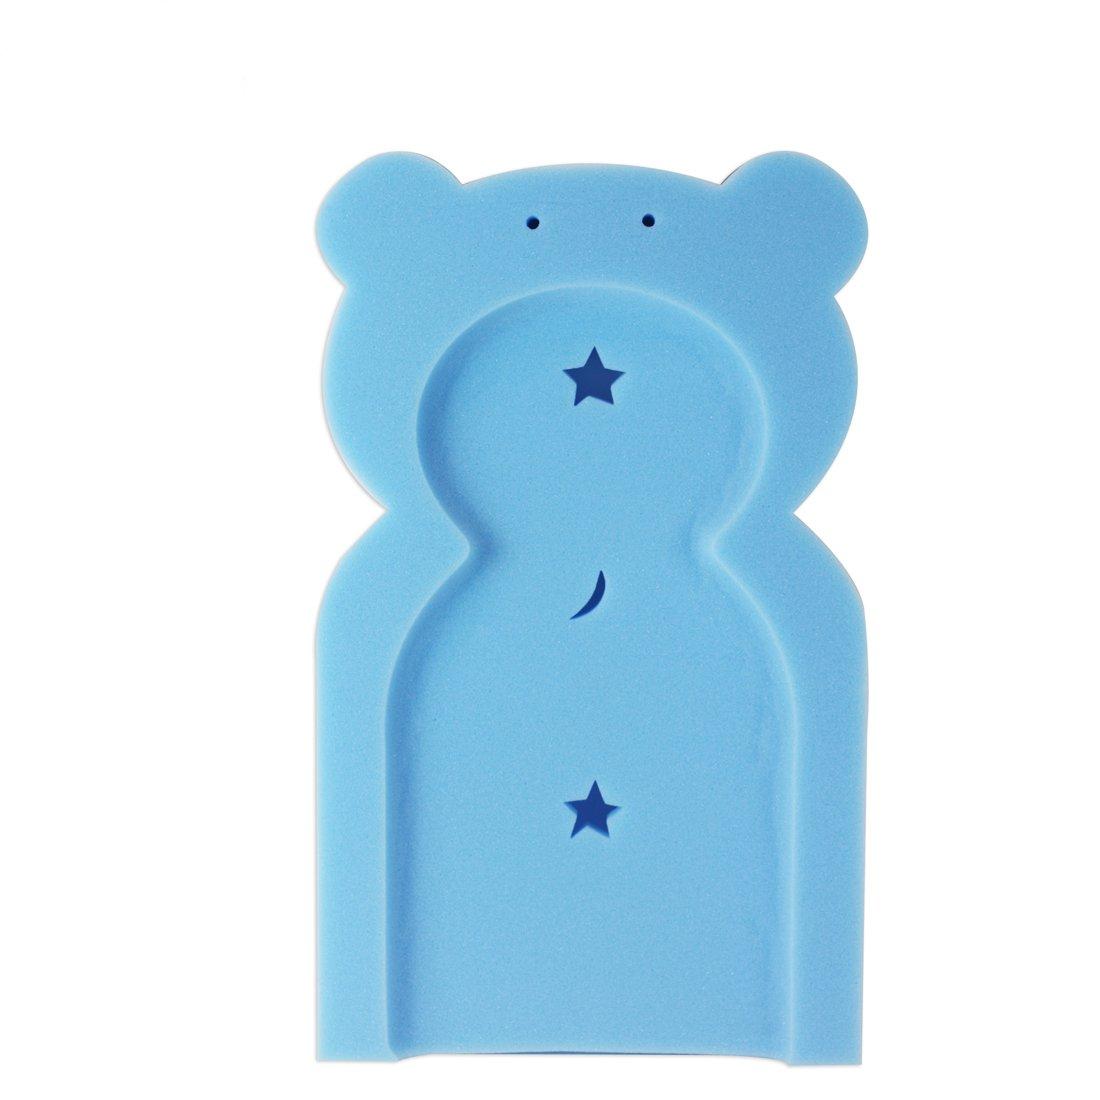 First Steps Baby Bath Time Bath Tub Support Sponge in Teddy Bear ...